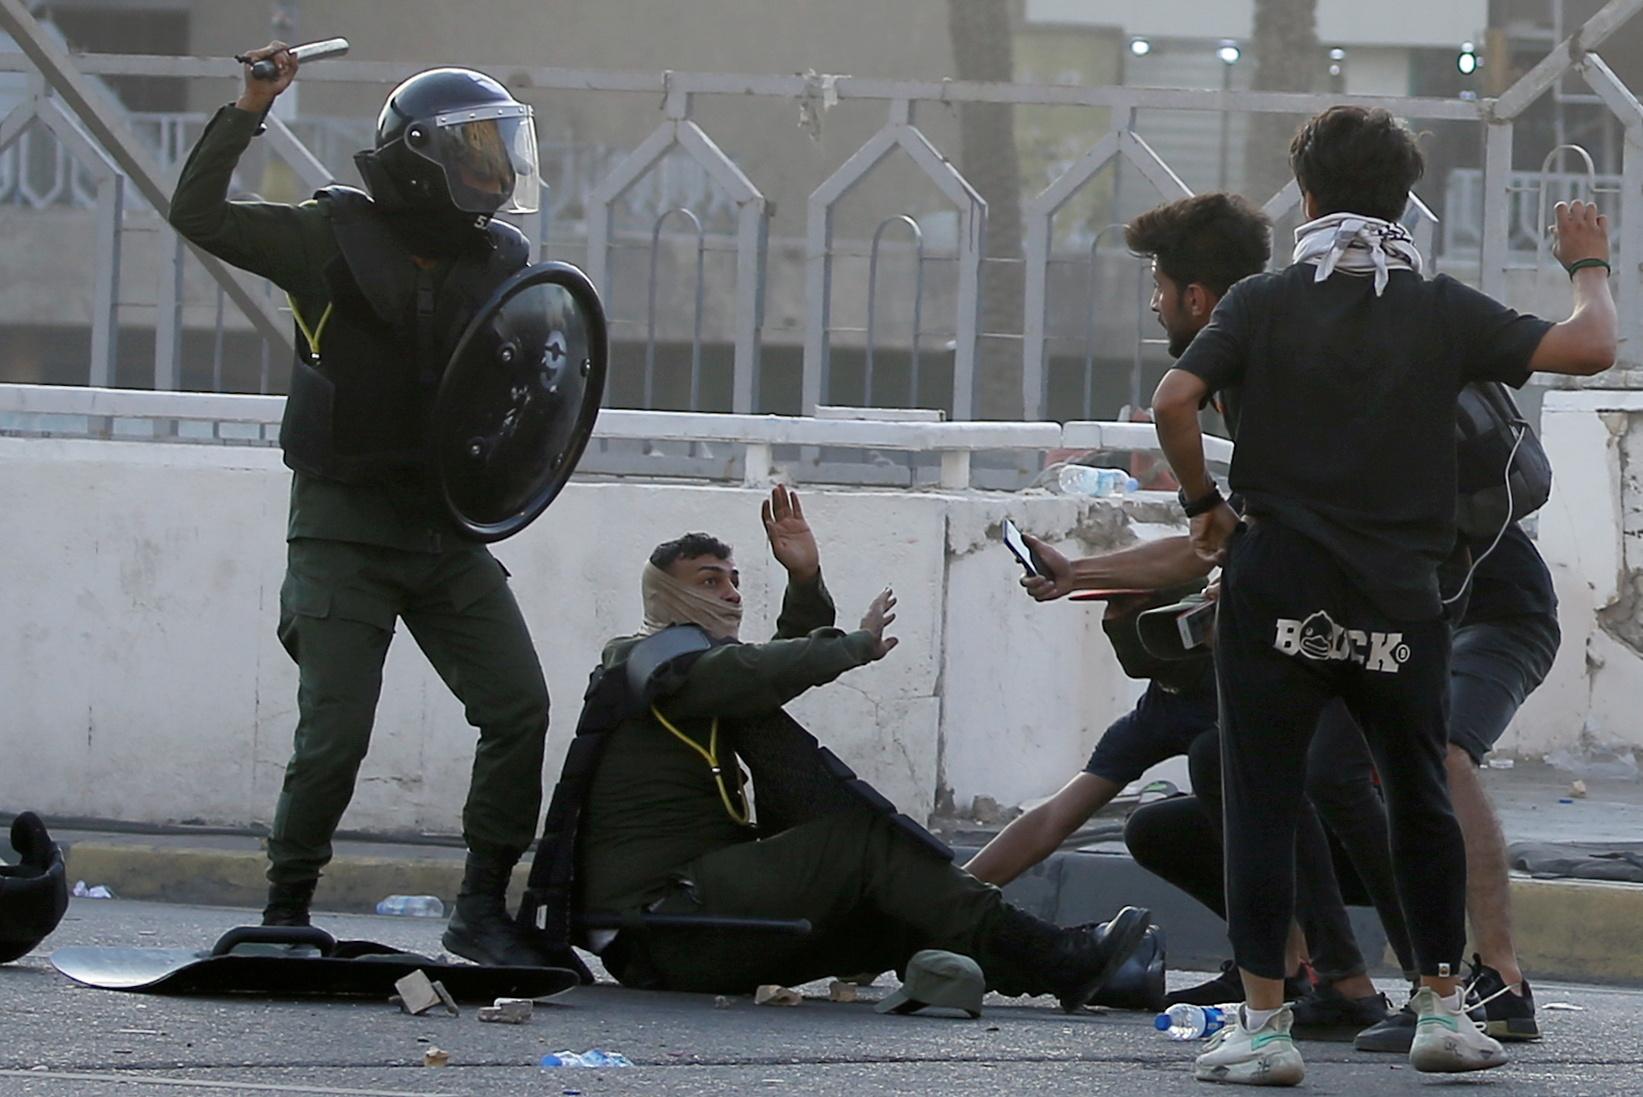 تظاهرة الثلاثاء بدأت بشكل سلمي قبل أن تتحول صدامات بين قوات مكافحة الشغب والمتظاهرين